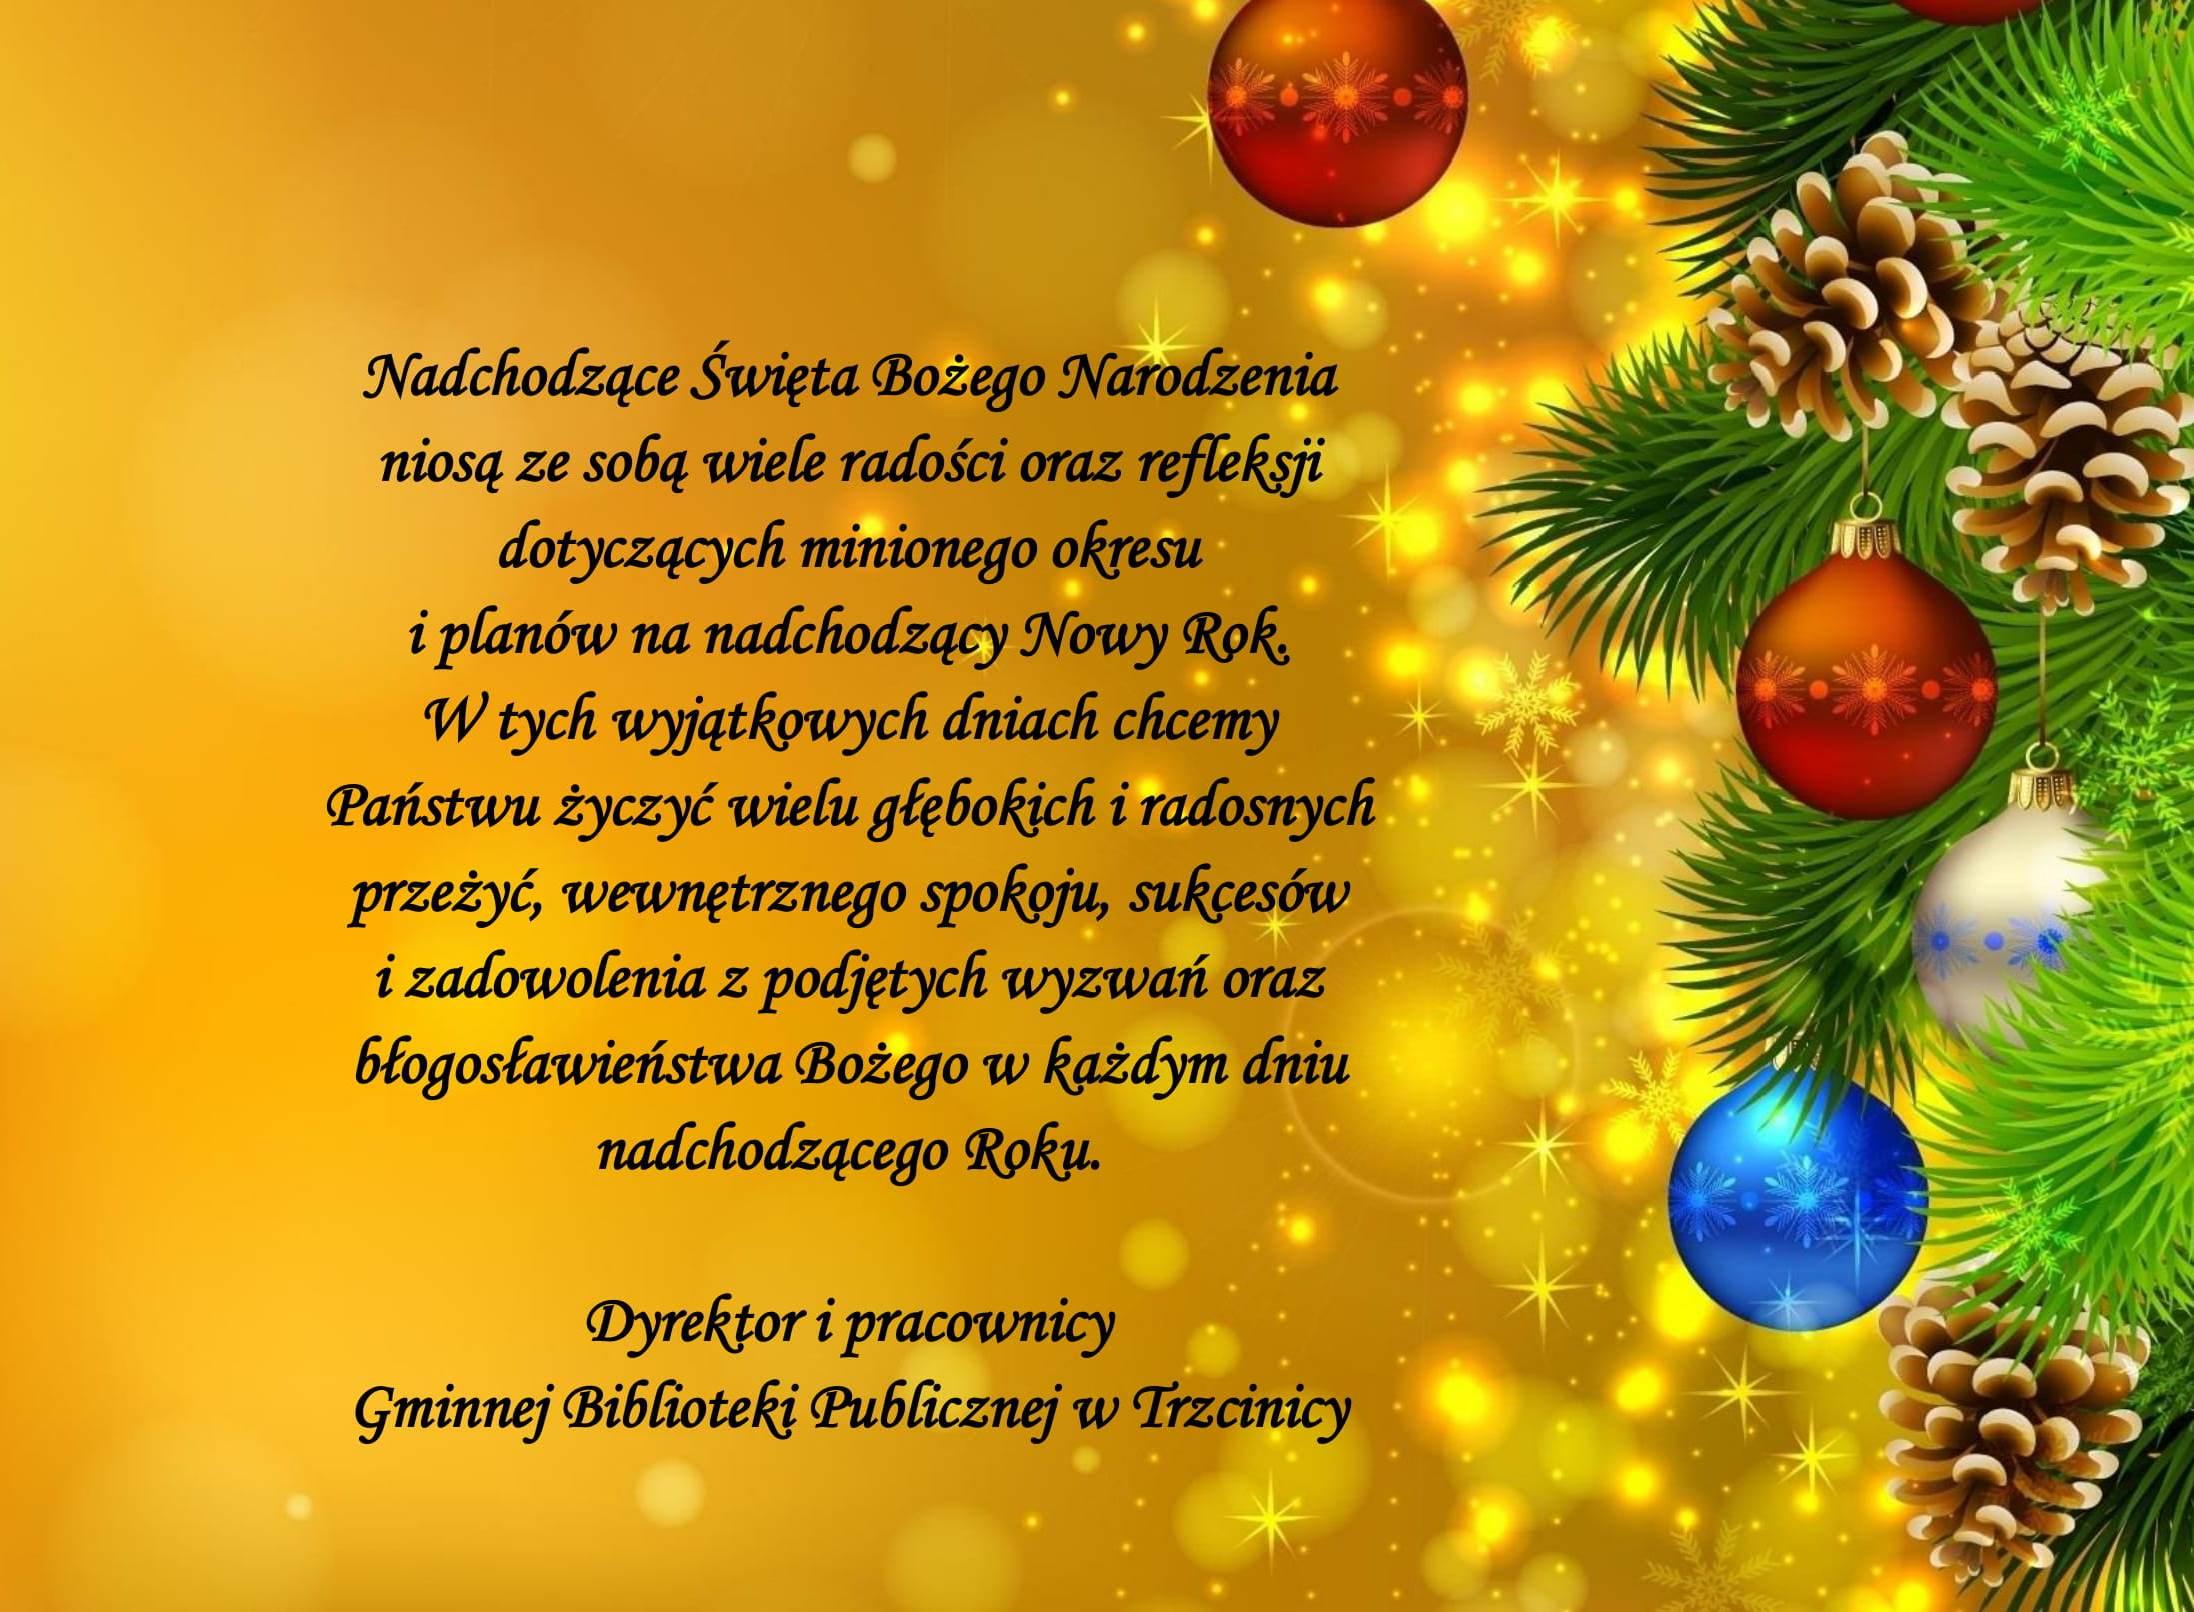 Nadchodz¦ůce +Üwi¦Öta Bo+-ego Narodzenia-1 (2)